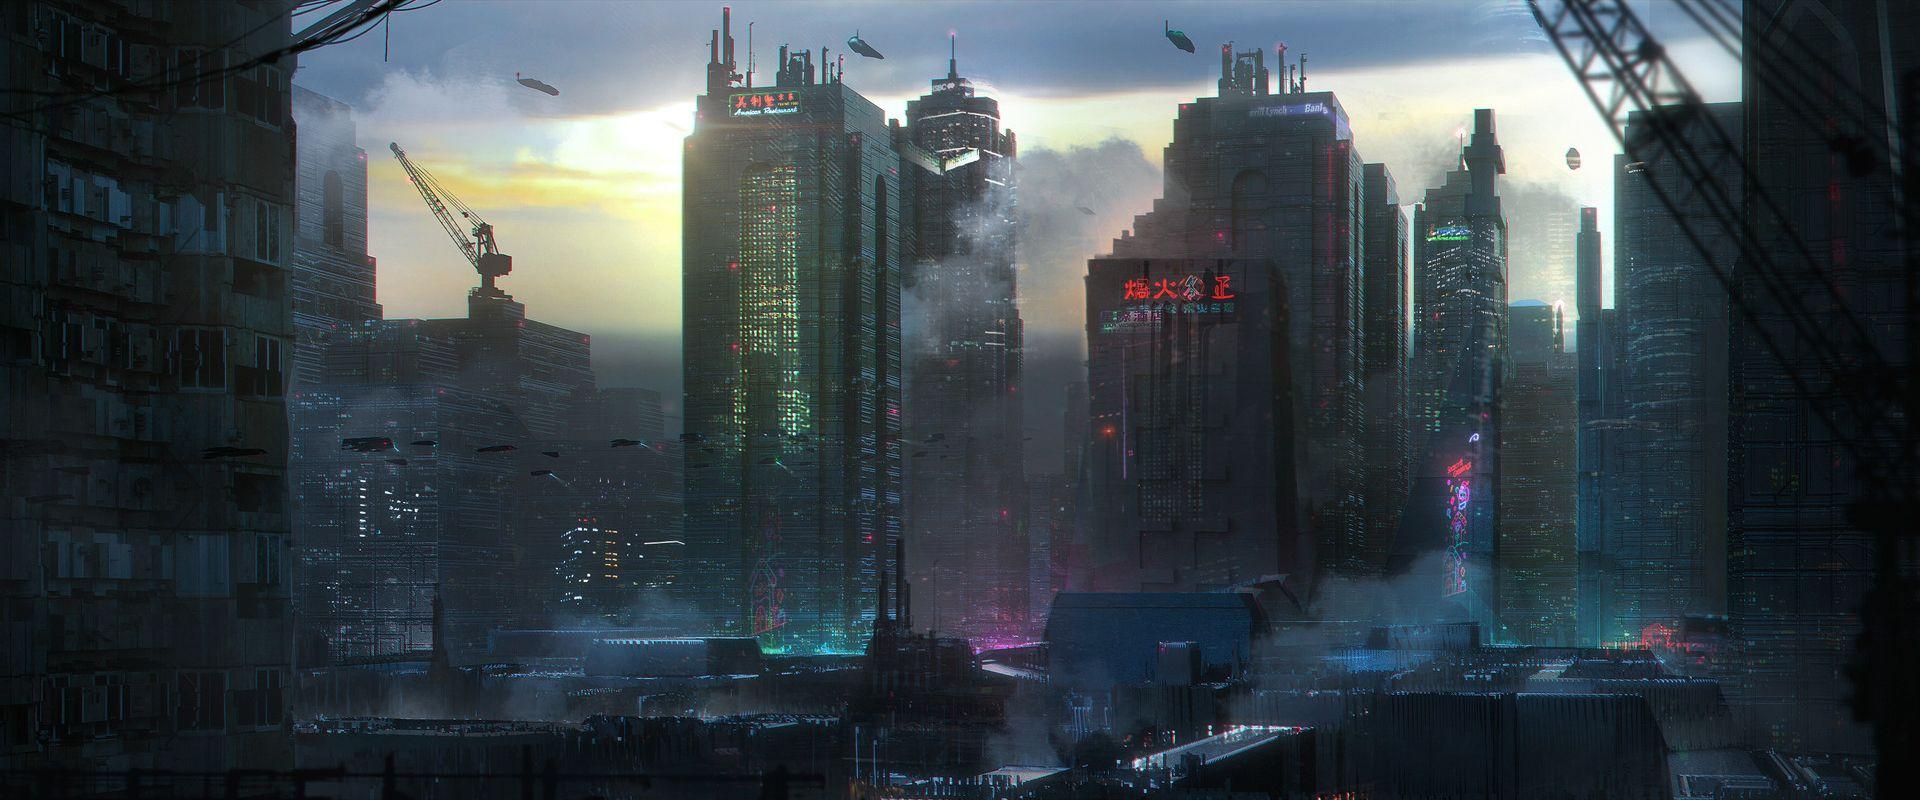 Cyberpunk practice Cyberpunk, Cyberpunk city, Sci fi city